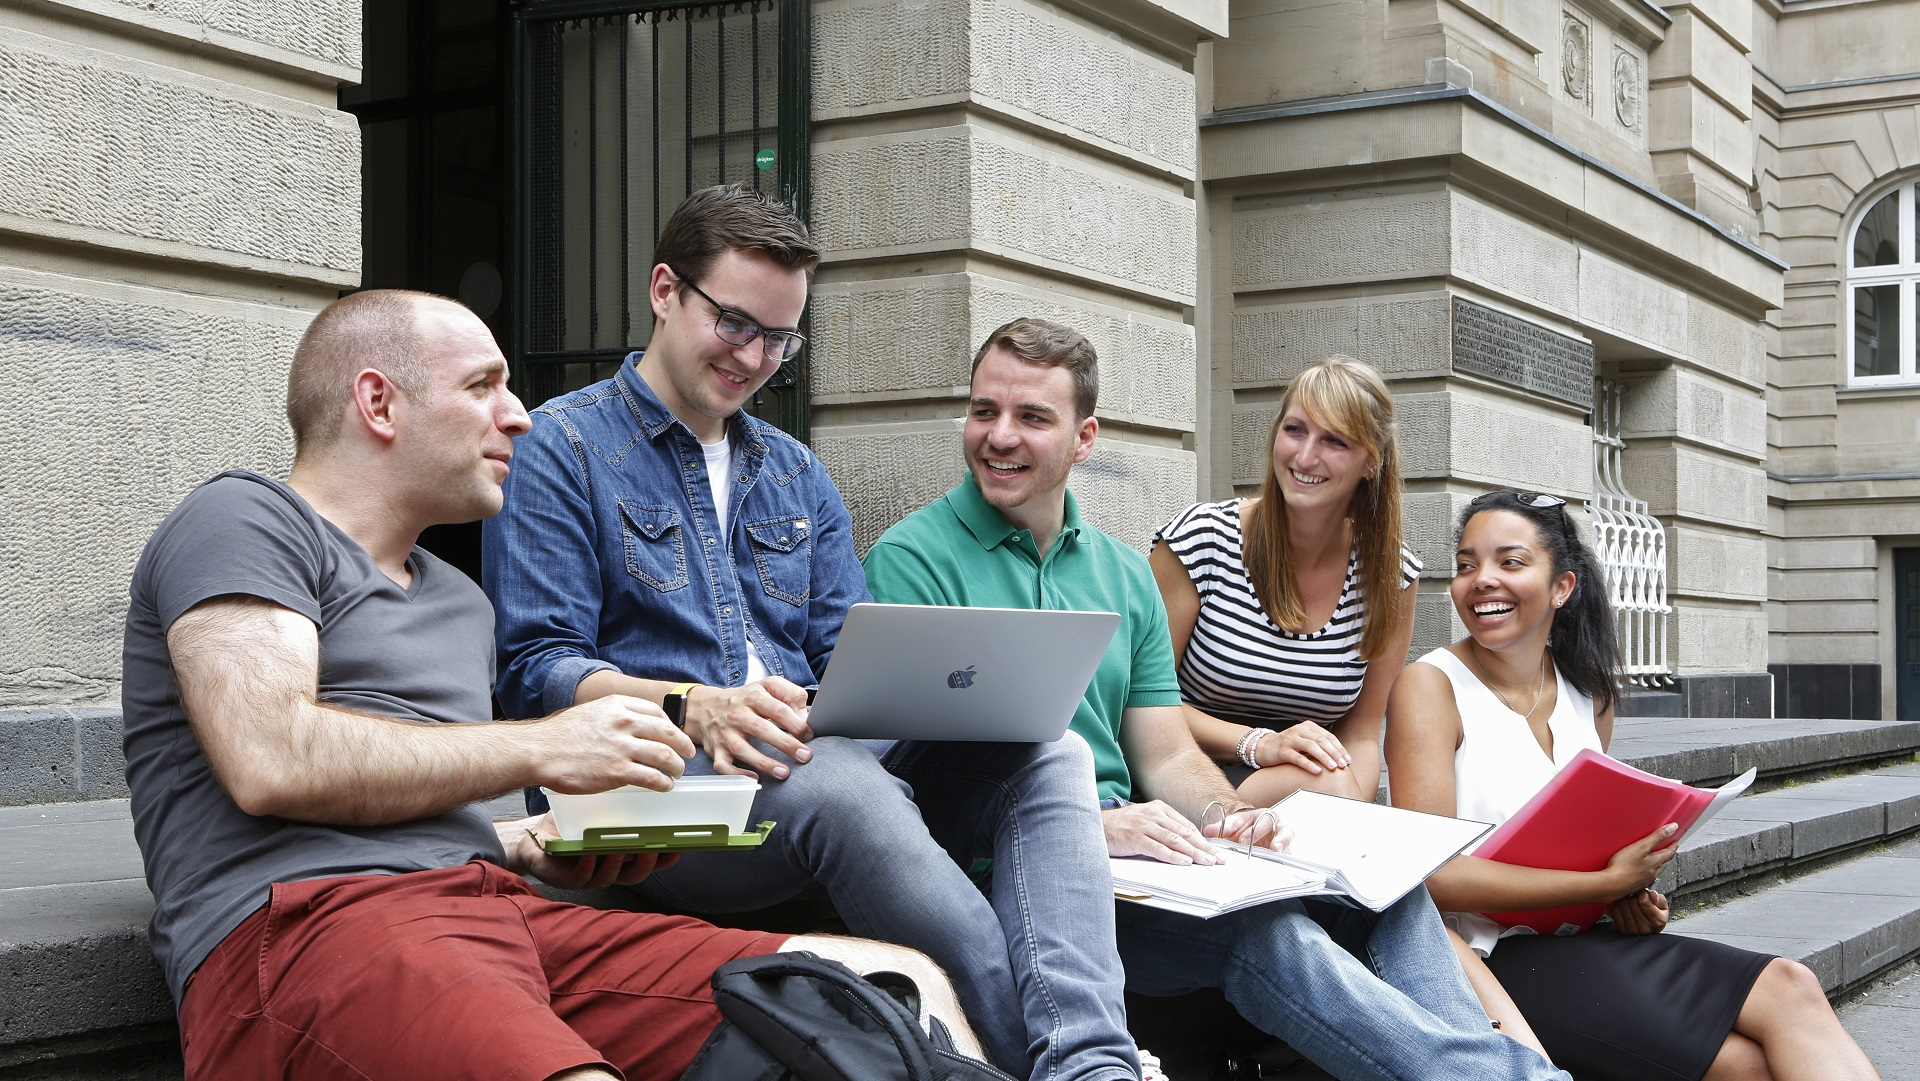 Über den Tellerrand hinaus - Interview mit Bachelor-Absolventin